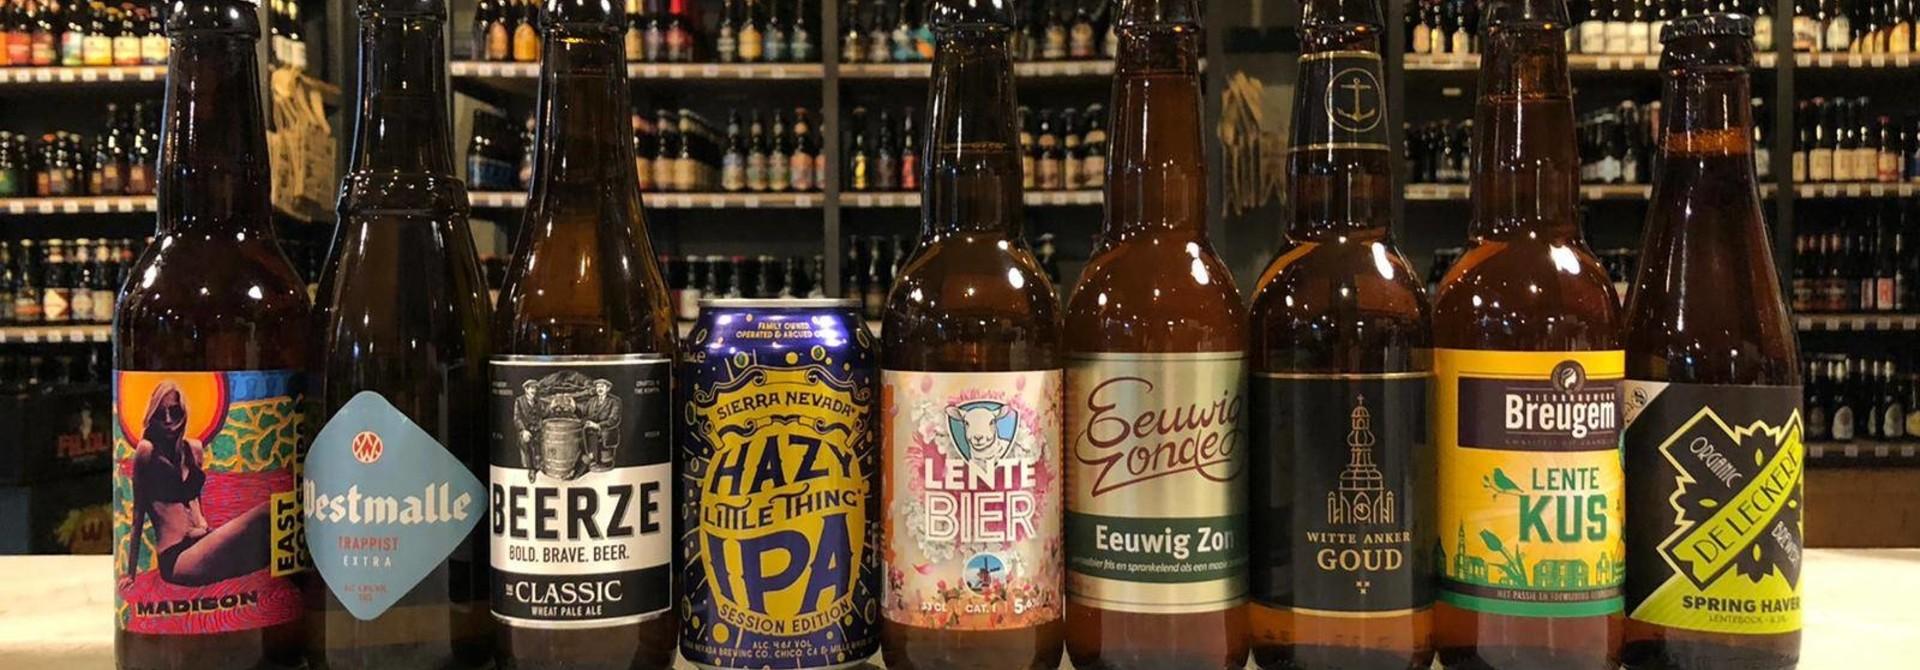 Speciaalbier – bierpakket mei 2021